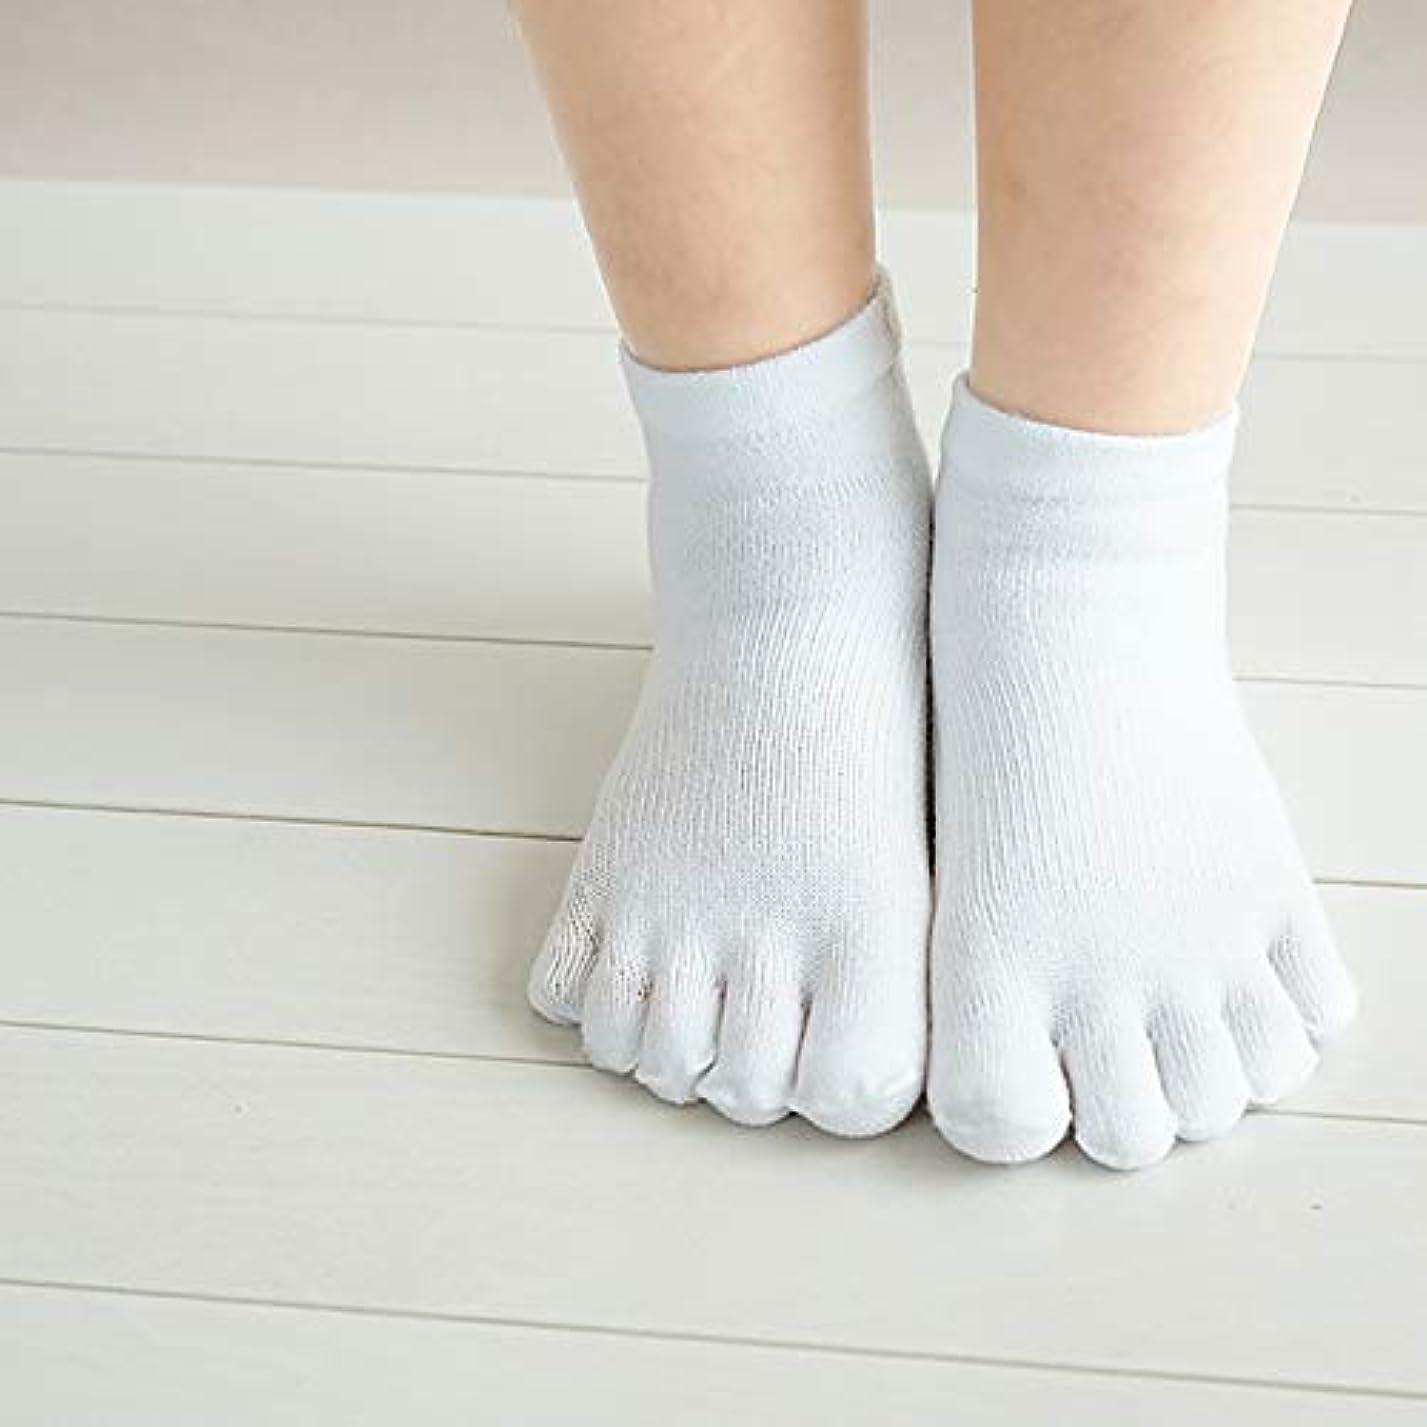 令状ジム尋ねるゆびのばソックス Neo アズキッズ ホワイト 幼児用靴下 5本指ソックス